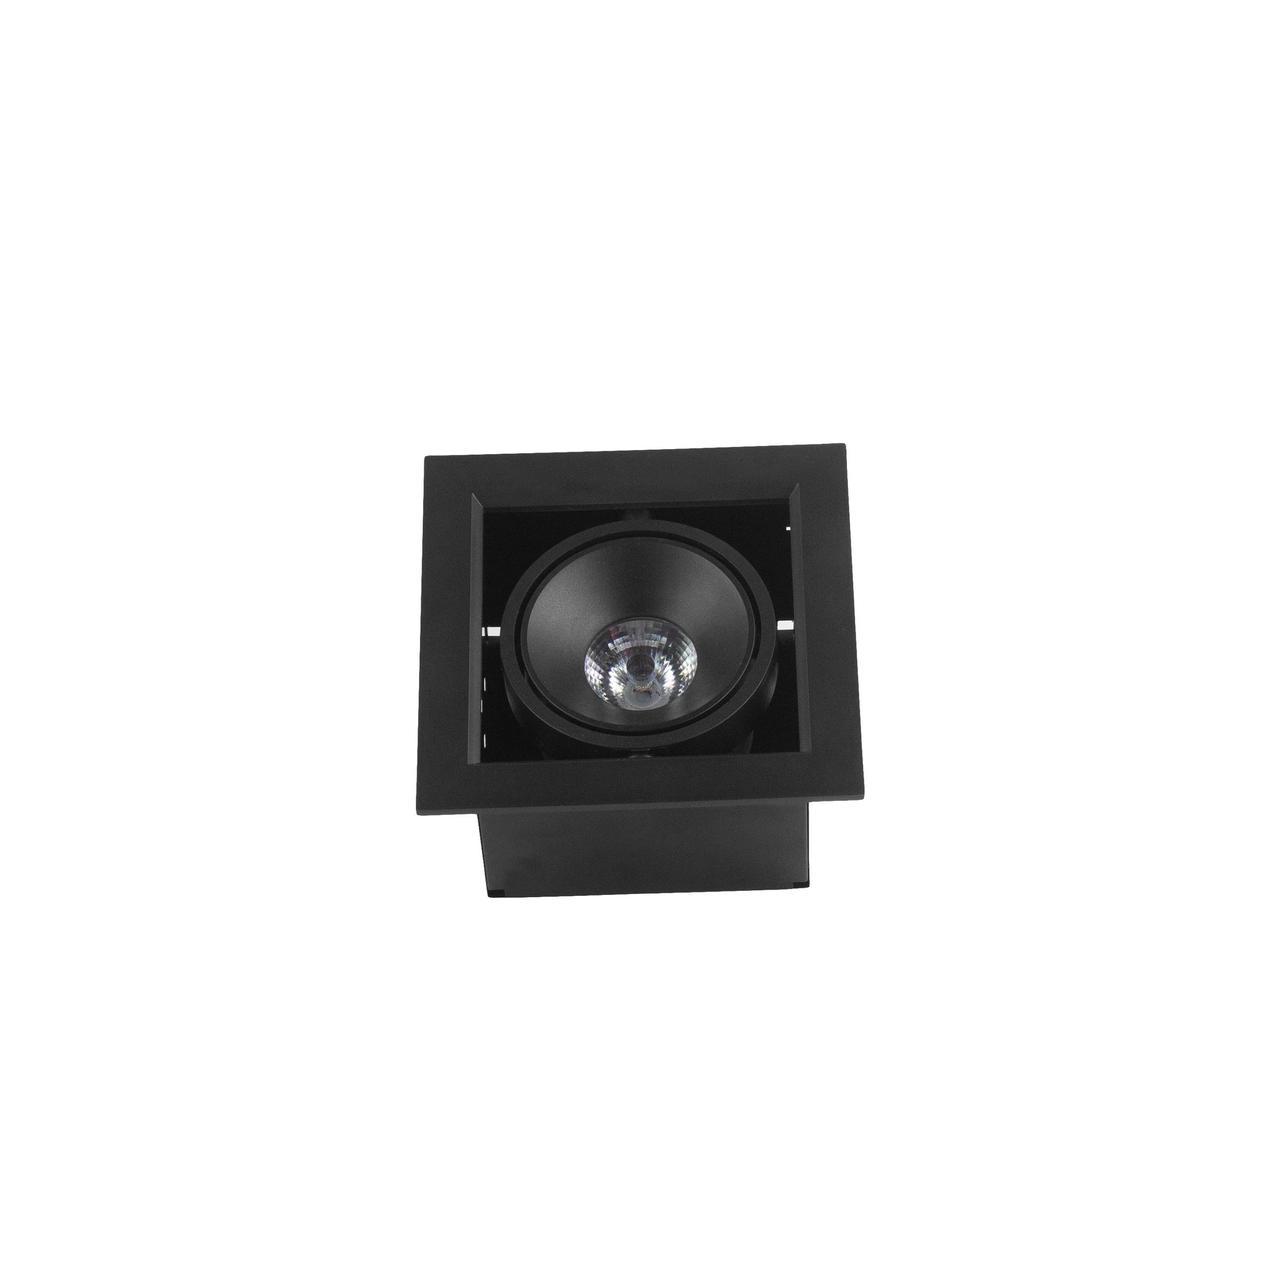 Поворотний врізний спот чорний BX07-1-LED 7W BK 3000K